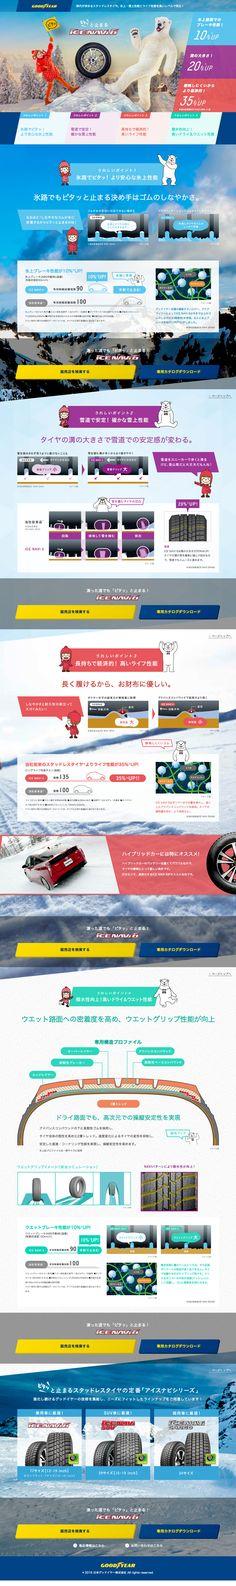 凍った道でも「ピタッ」と止まるICE NAVI 6(アイスナビ6) http://www.goodyear.co.jp/lp/icenavi6/index2.html